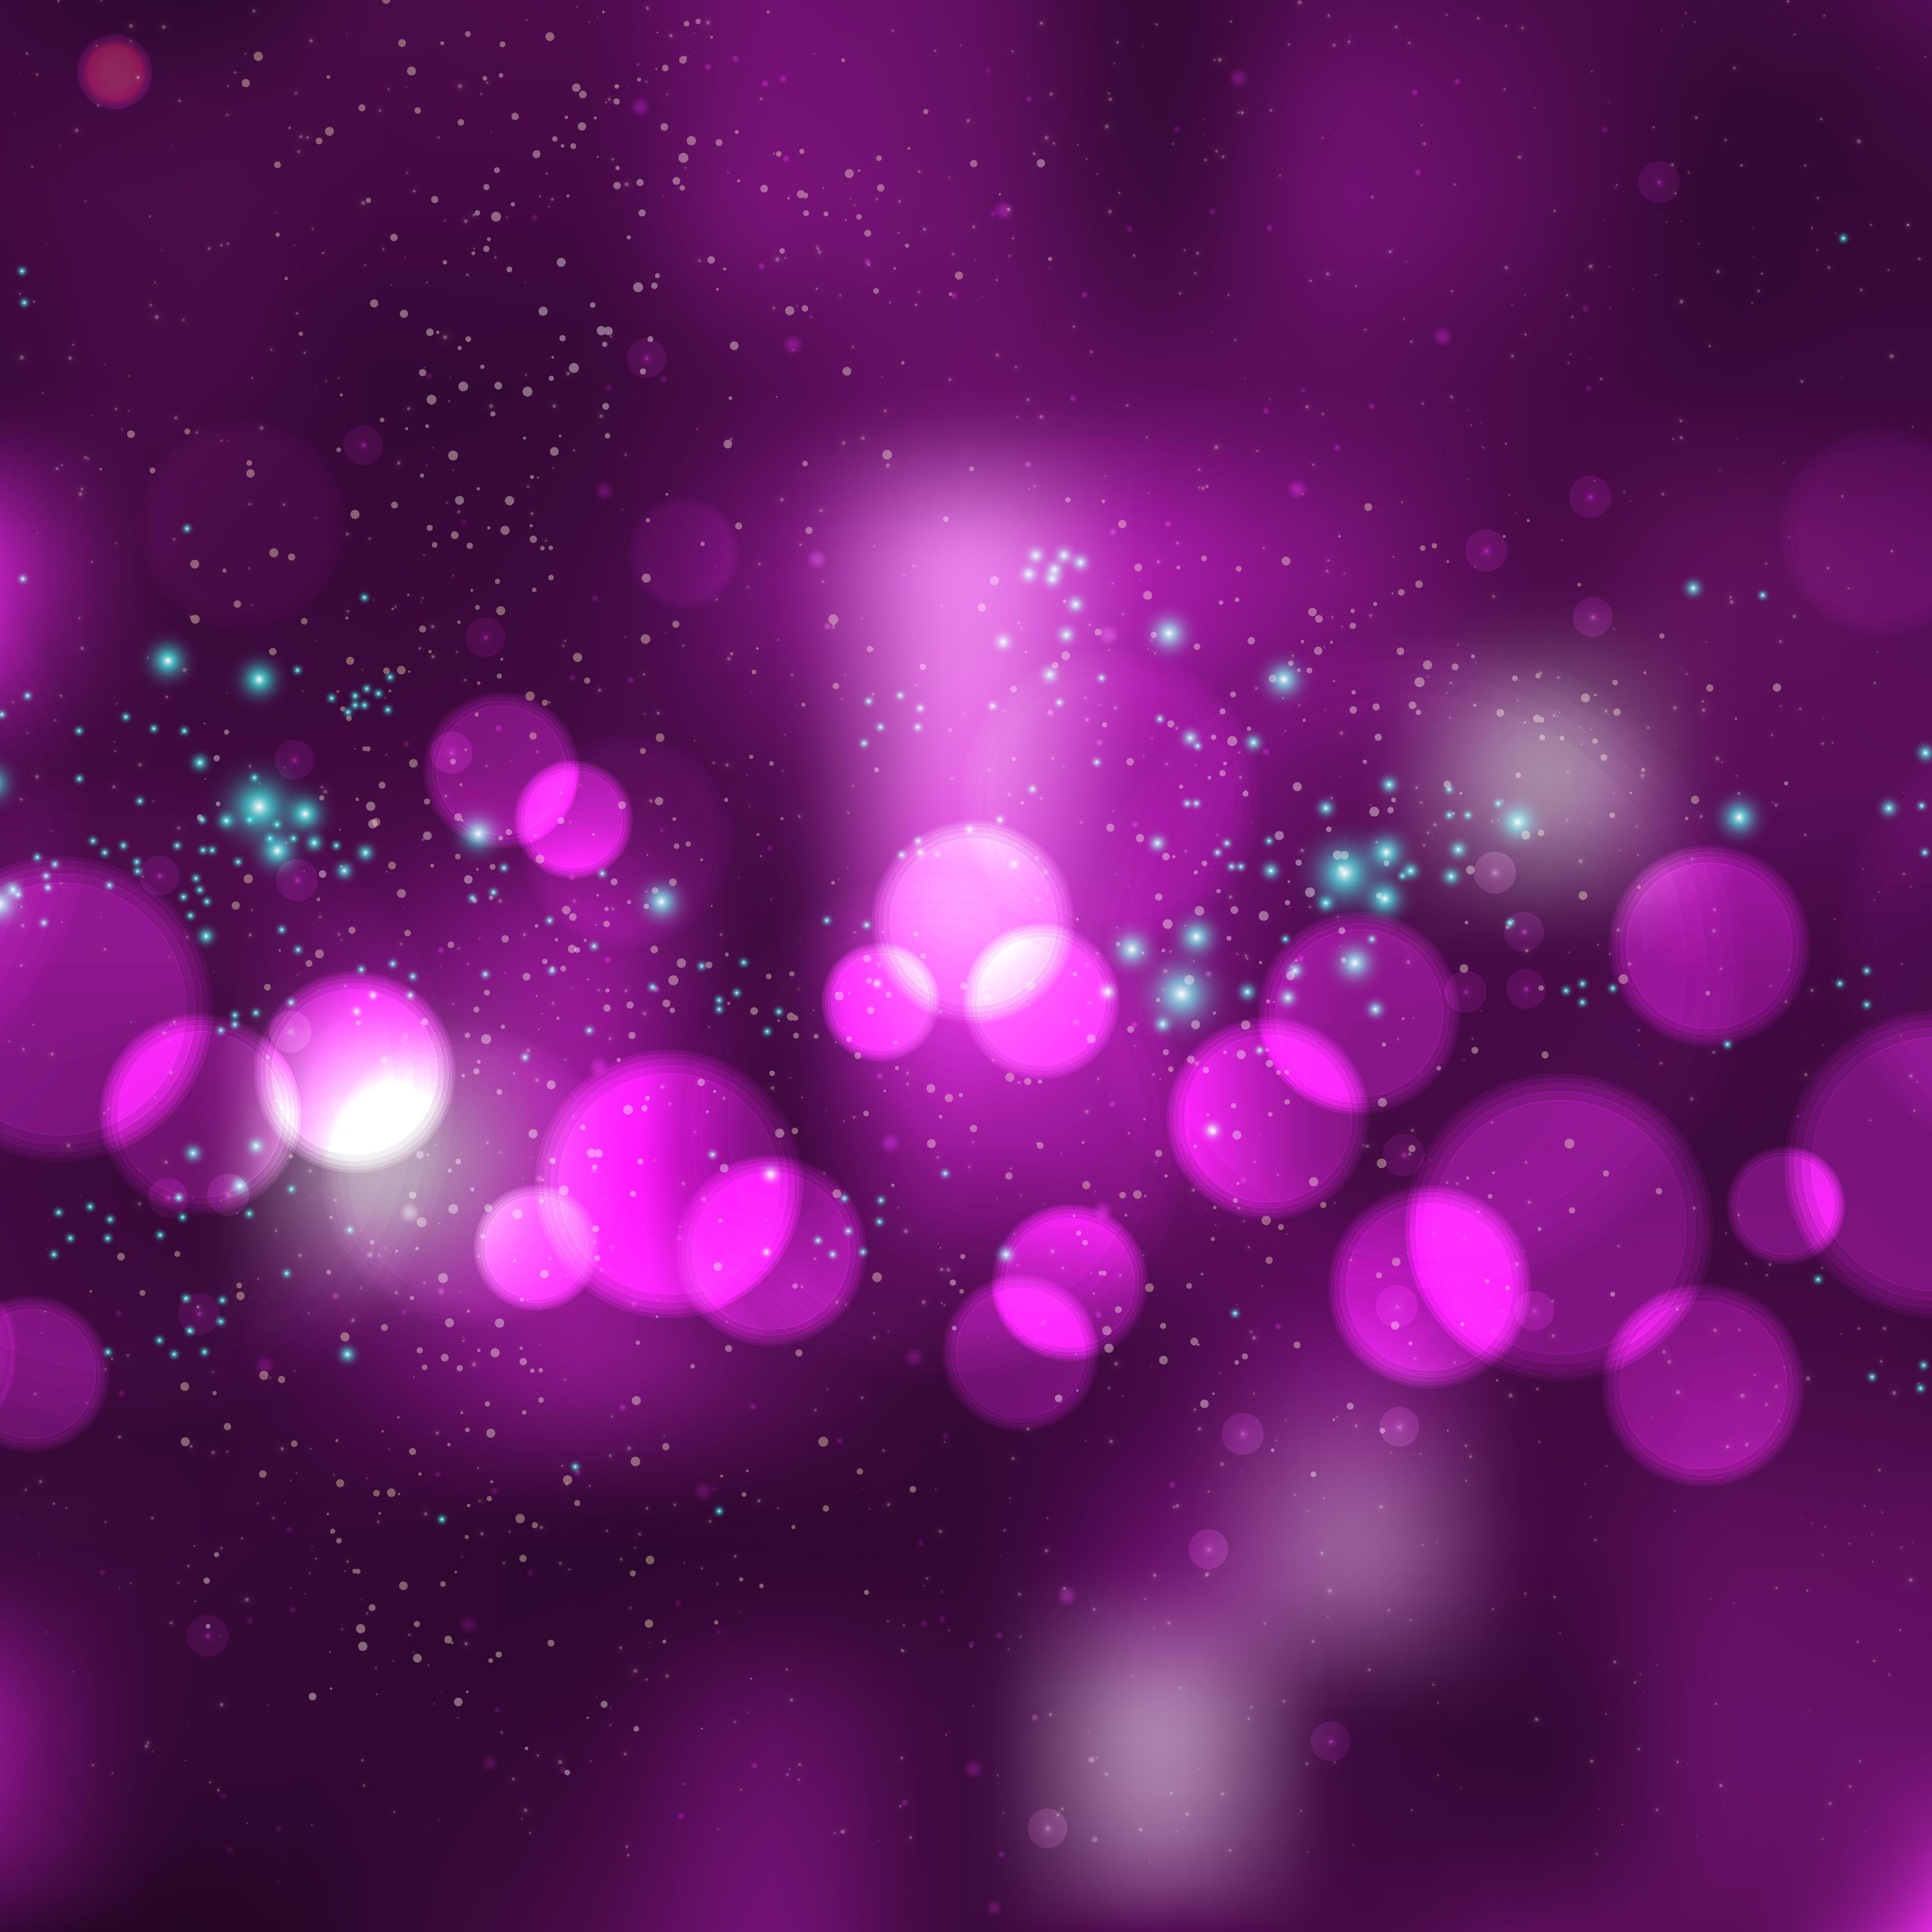 background image purple impremedianet